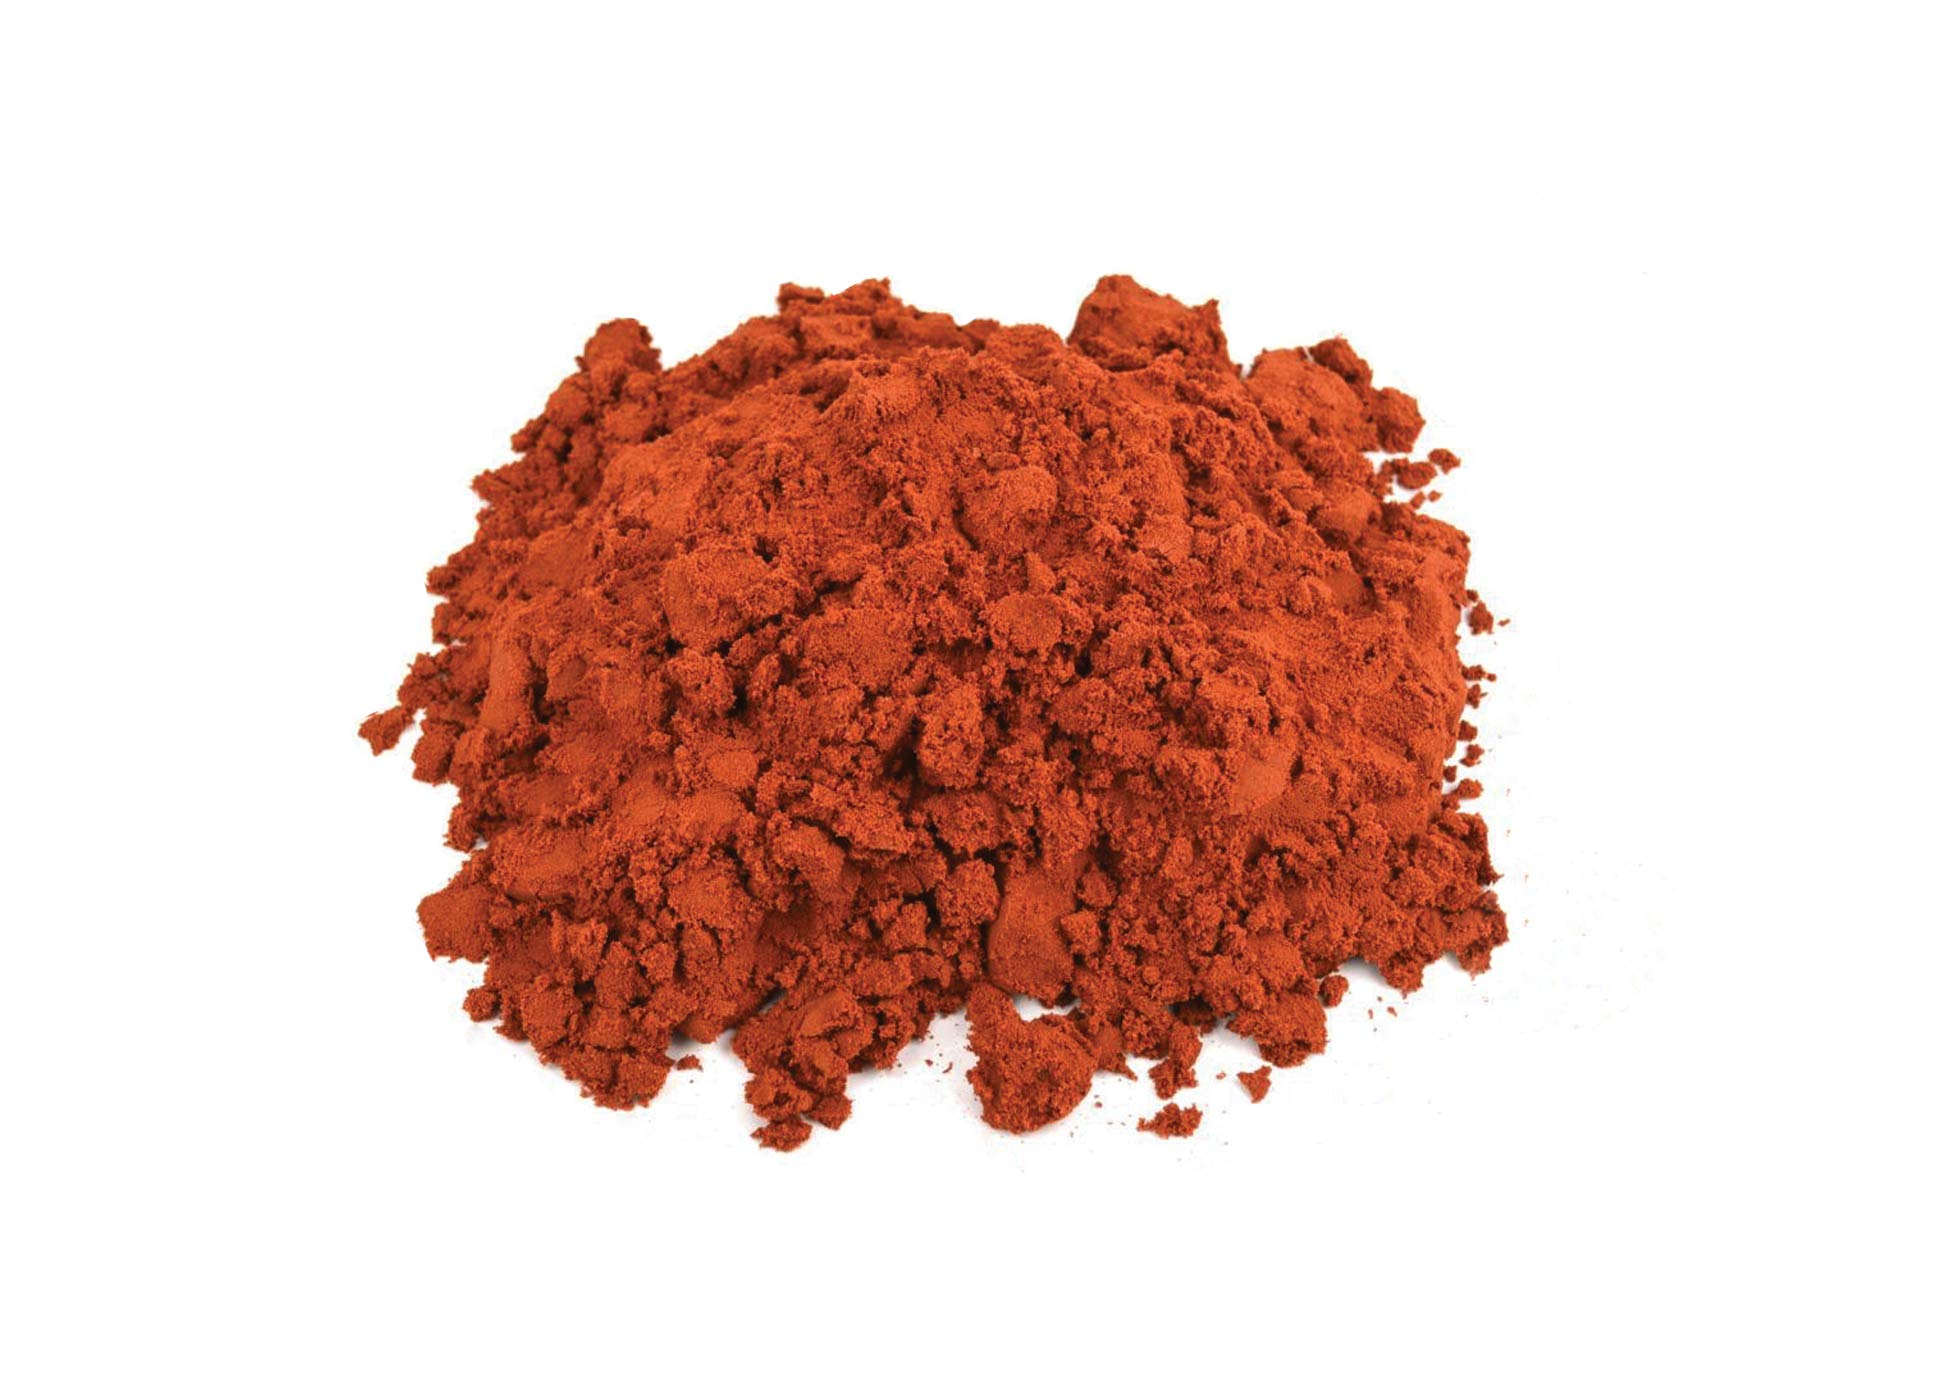 Petrobond Sand an Affordable Delft Clay Alternative for Precious Metal Casting